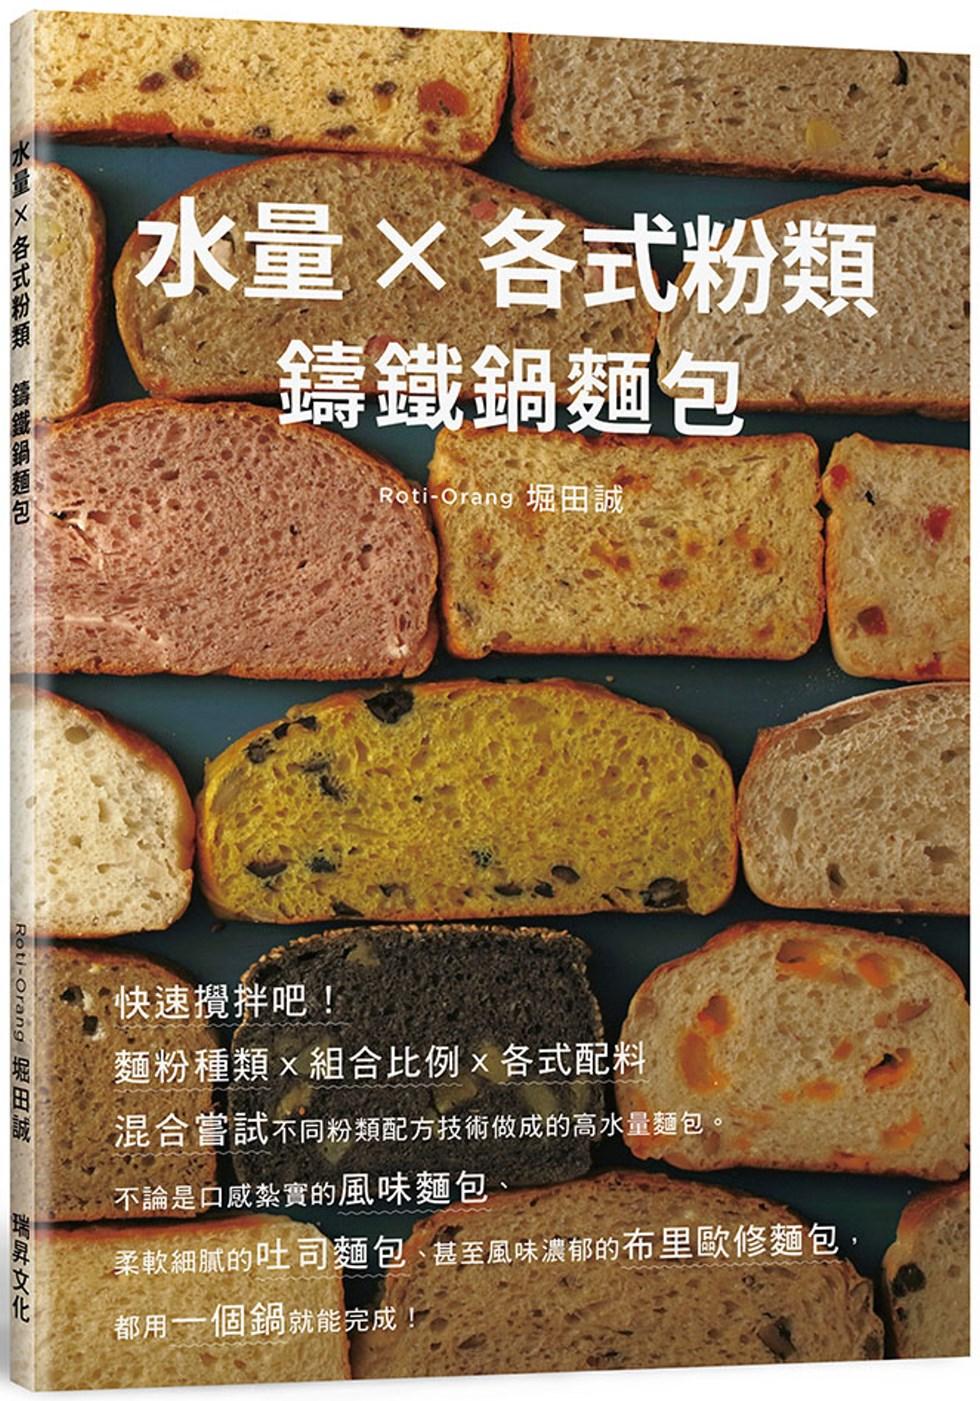 水量X各式粉類 鑄鐵鍋麵包:麵...